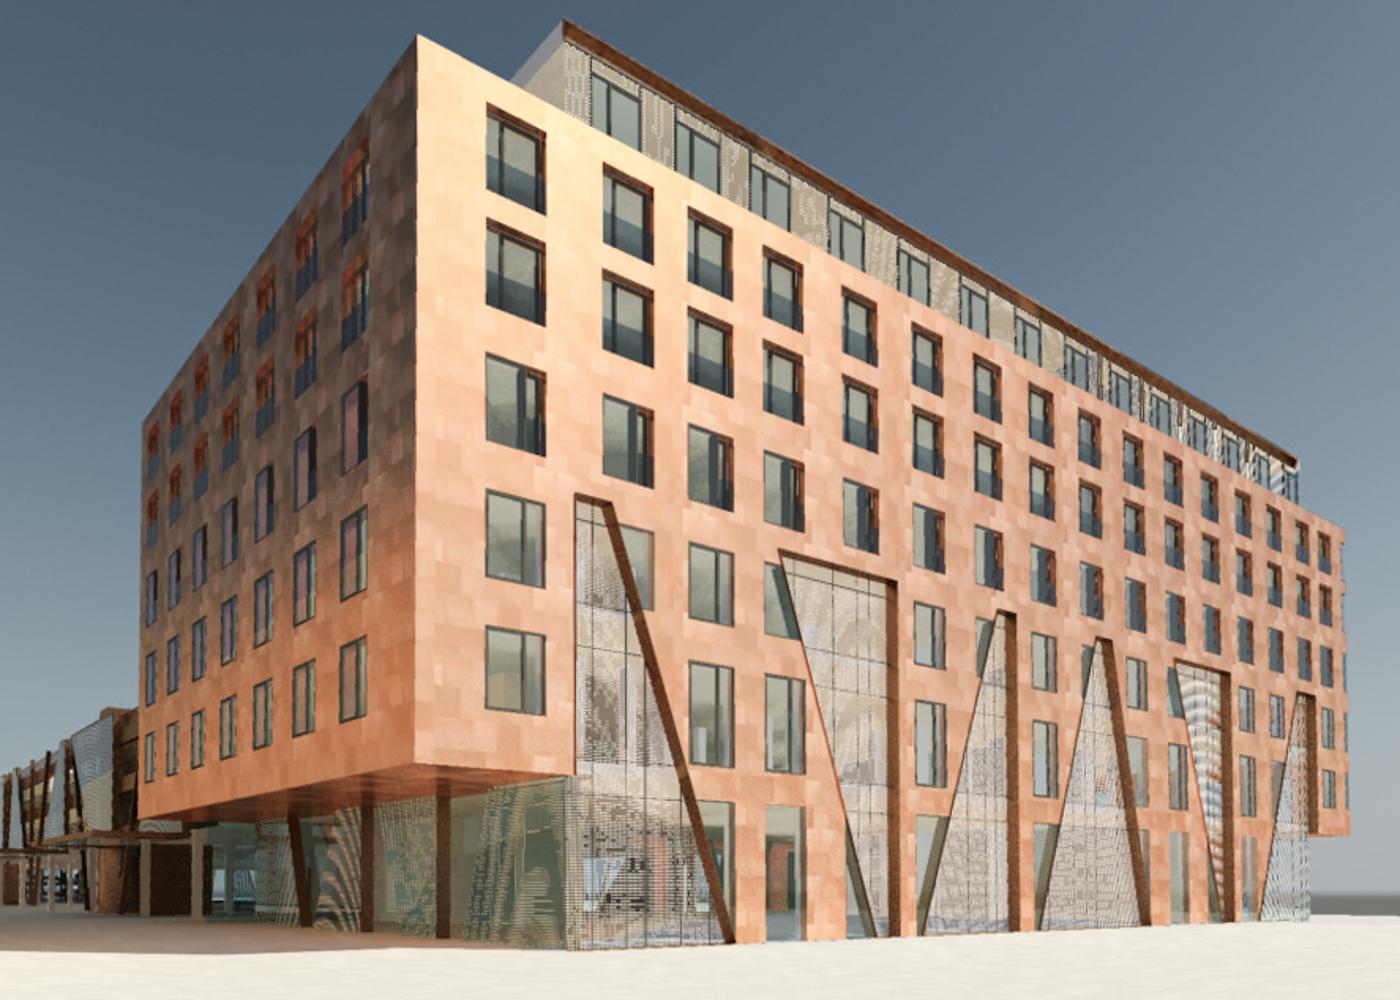 Visualisierung Fassadenwettbewerb Kupfer Hotel ZOB Kiel